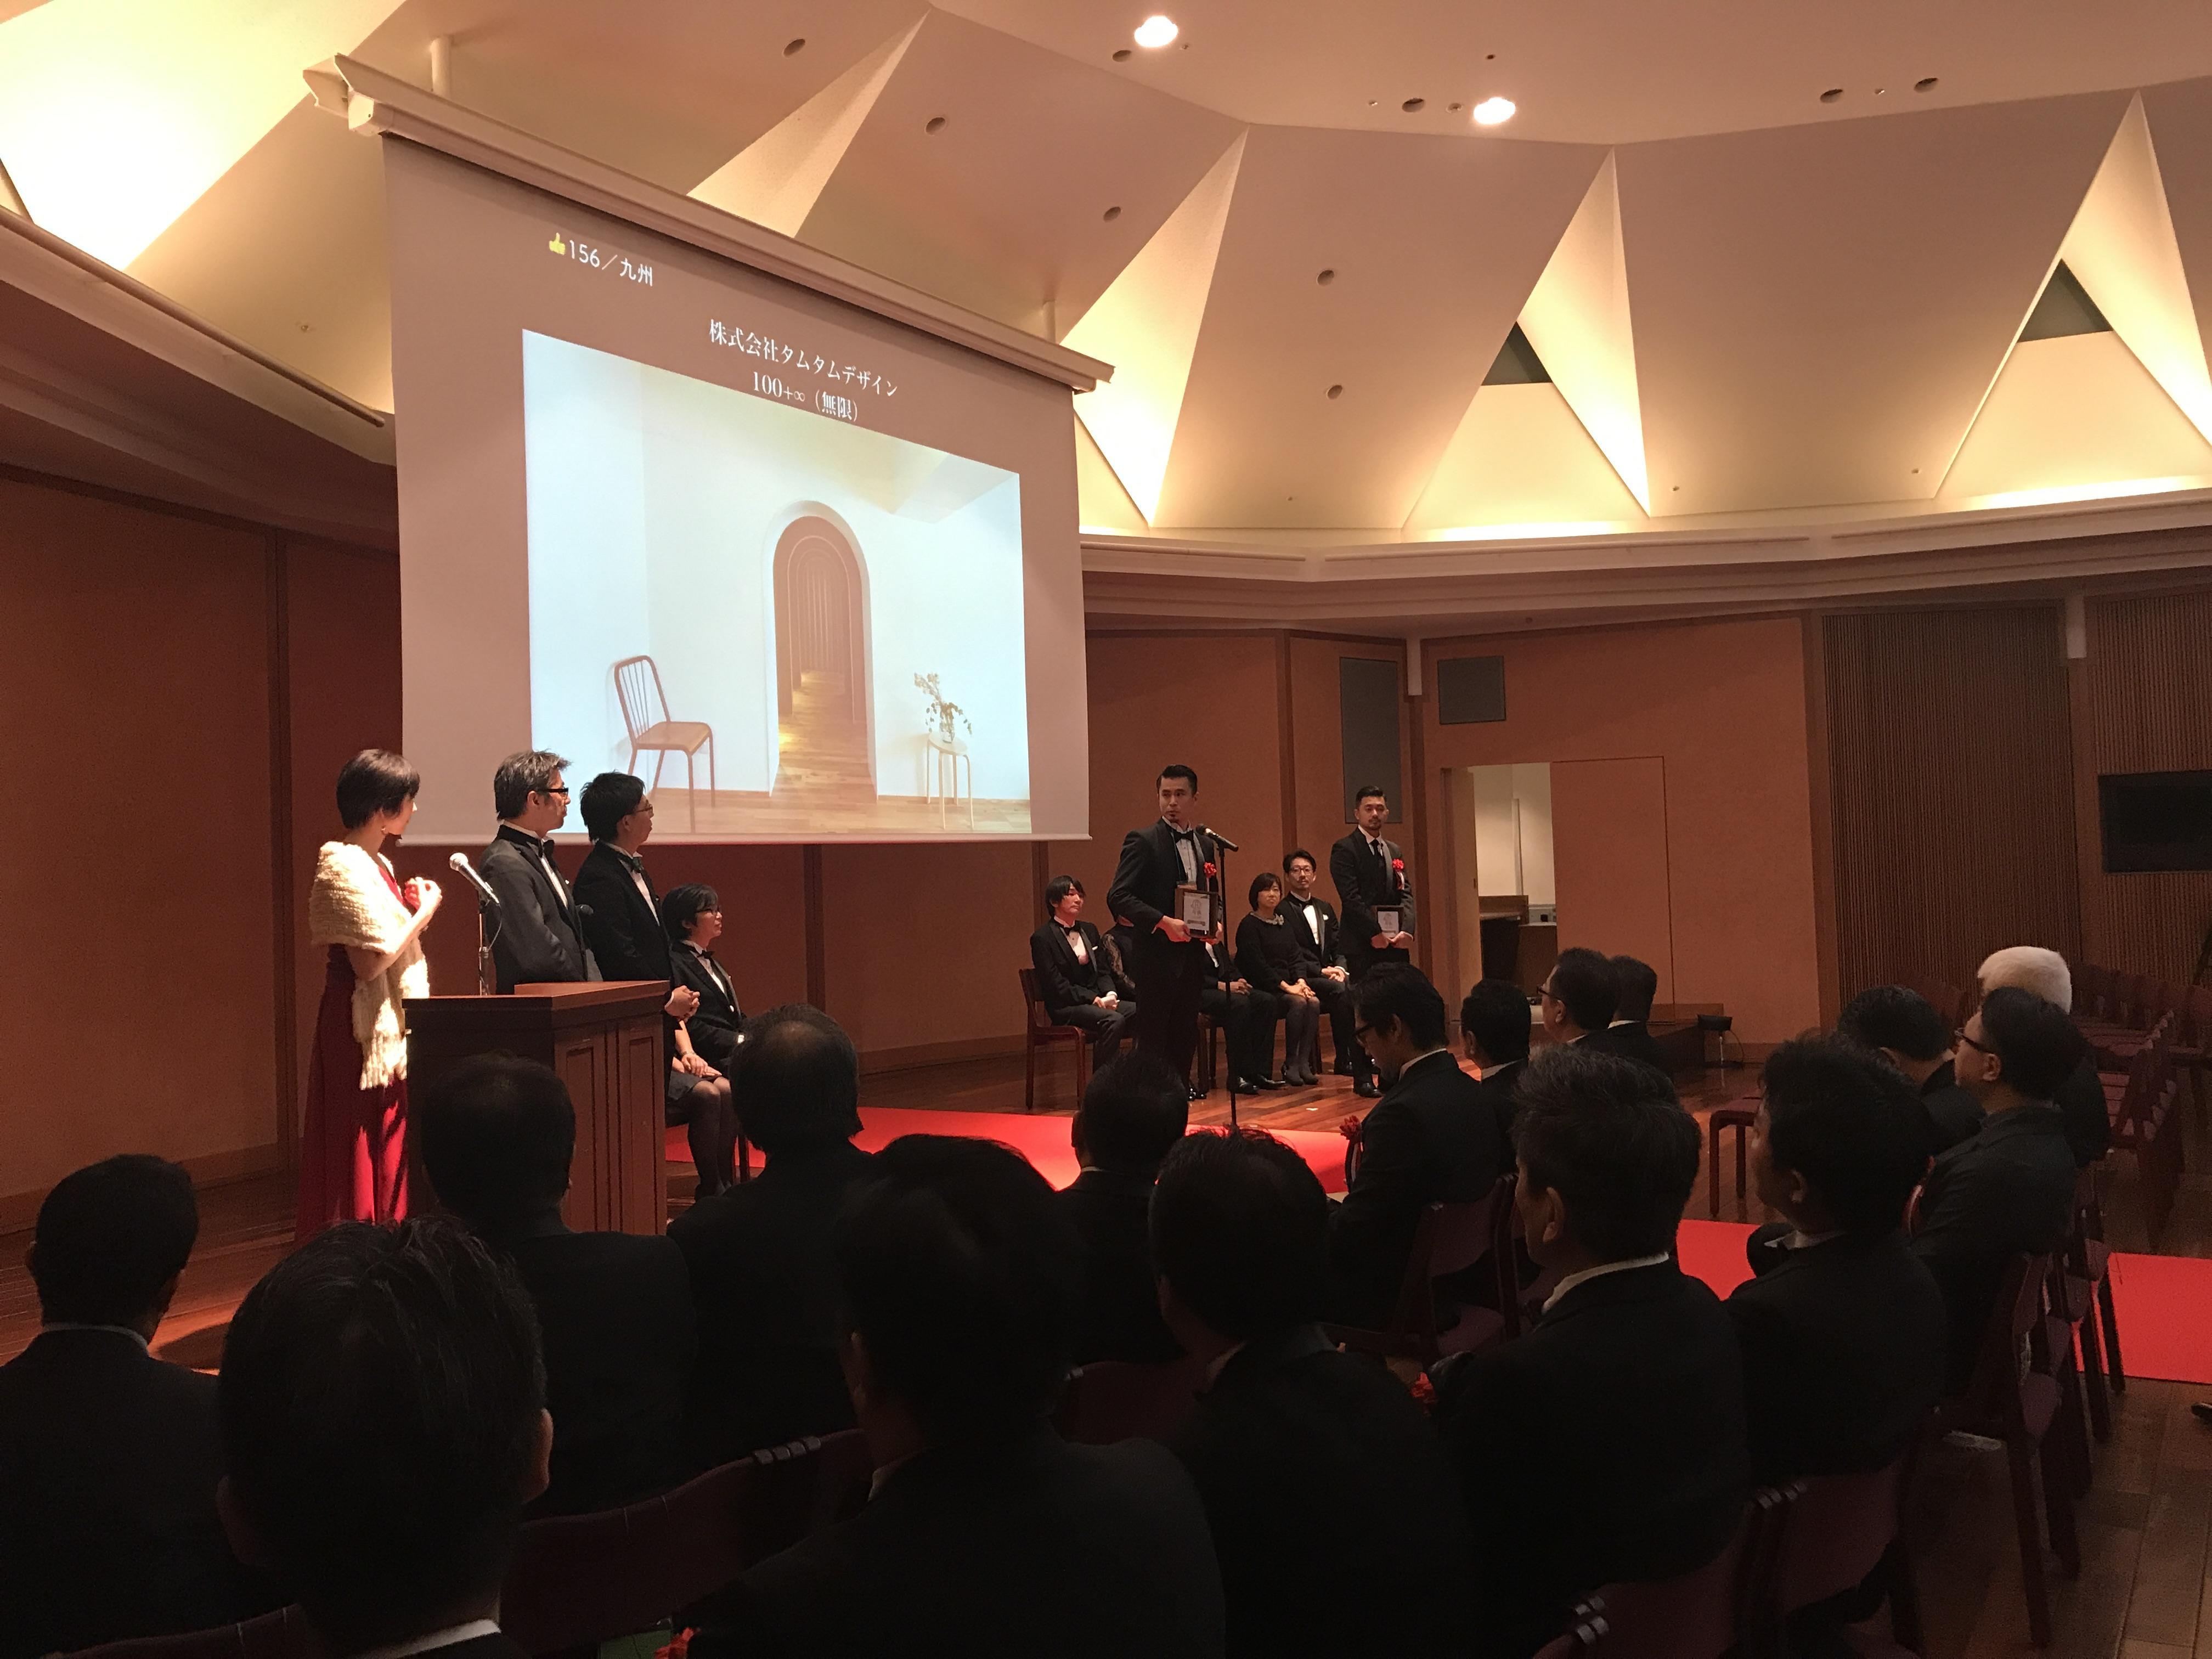 【ご案内】リノベーション・オブ・ザ・イヤー2018 授賞式&講評トークイベント・望年会開催について